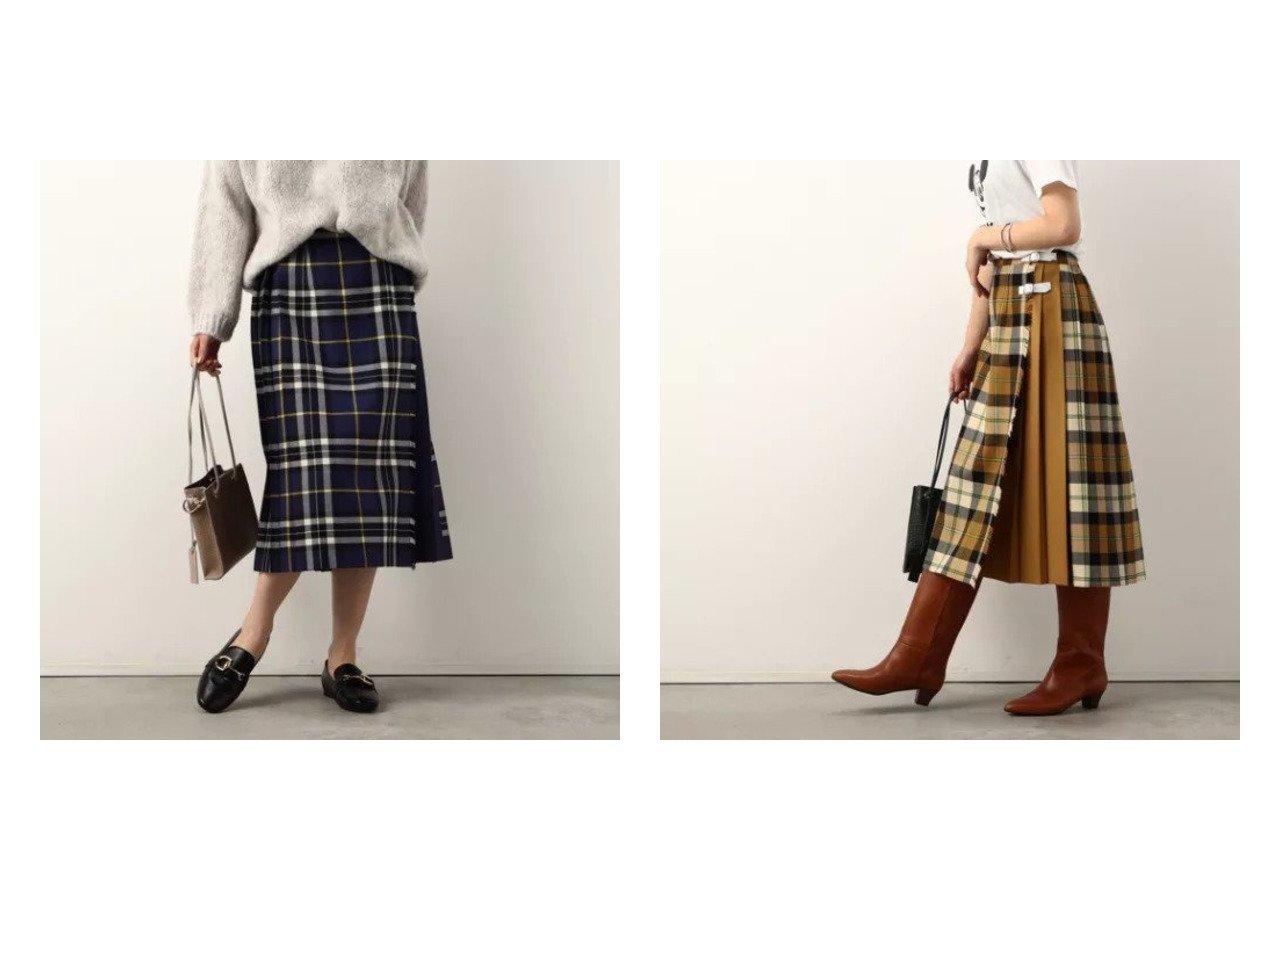 【NOLLEY'S/ノーリーズ】の【オニールオブダブリン】トリプル別注キルトスカート 別注・限定・コラボなど、おすすめ!人気、トレンド・レディースファッションの通販 おすすめで人気の流行・トレンド、ファッションの通販商品 インテリア・家具・メンズファッション・キッズファッション・レディースファッション・服の通販 founy(ファニー) https://founy.com/ ファッション Fashion レディースファッション WOMEN スカート Skirt おすすめ Recommend オレンジ キルト コラボ シューズ チェック トリプル フラット ロング 人気 別注 無地  ID:crp329100000071121